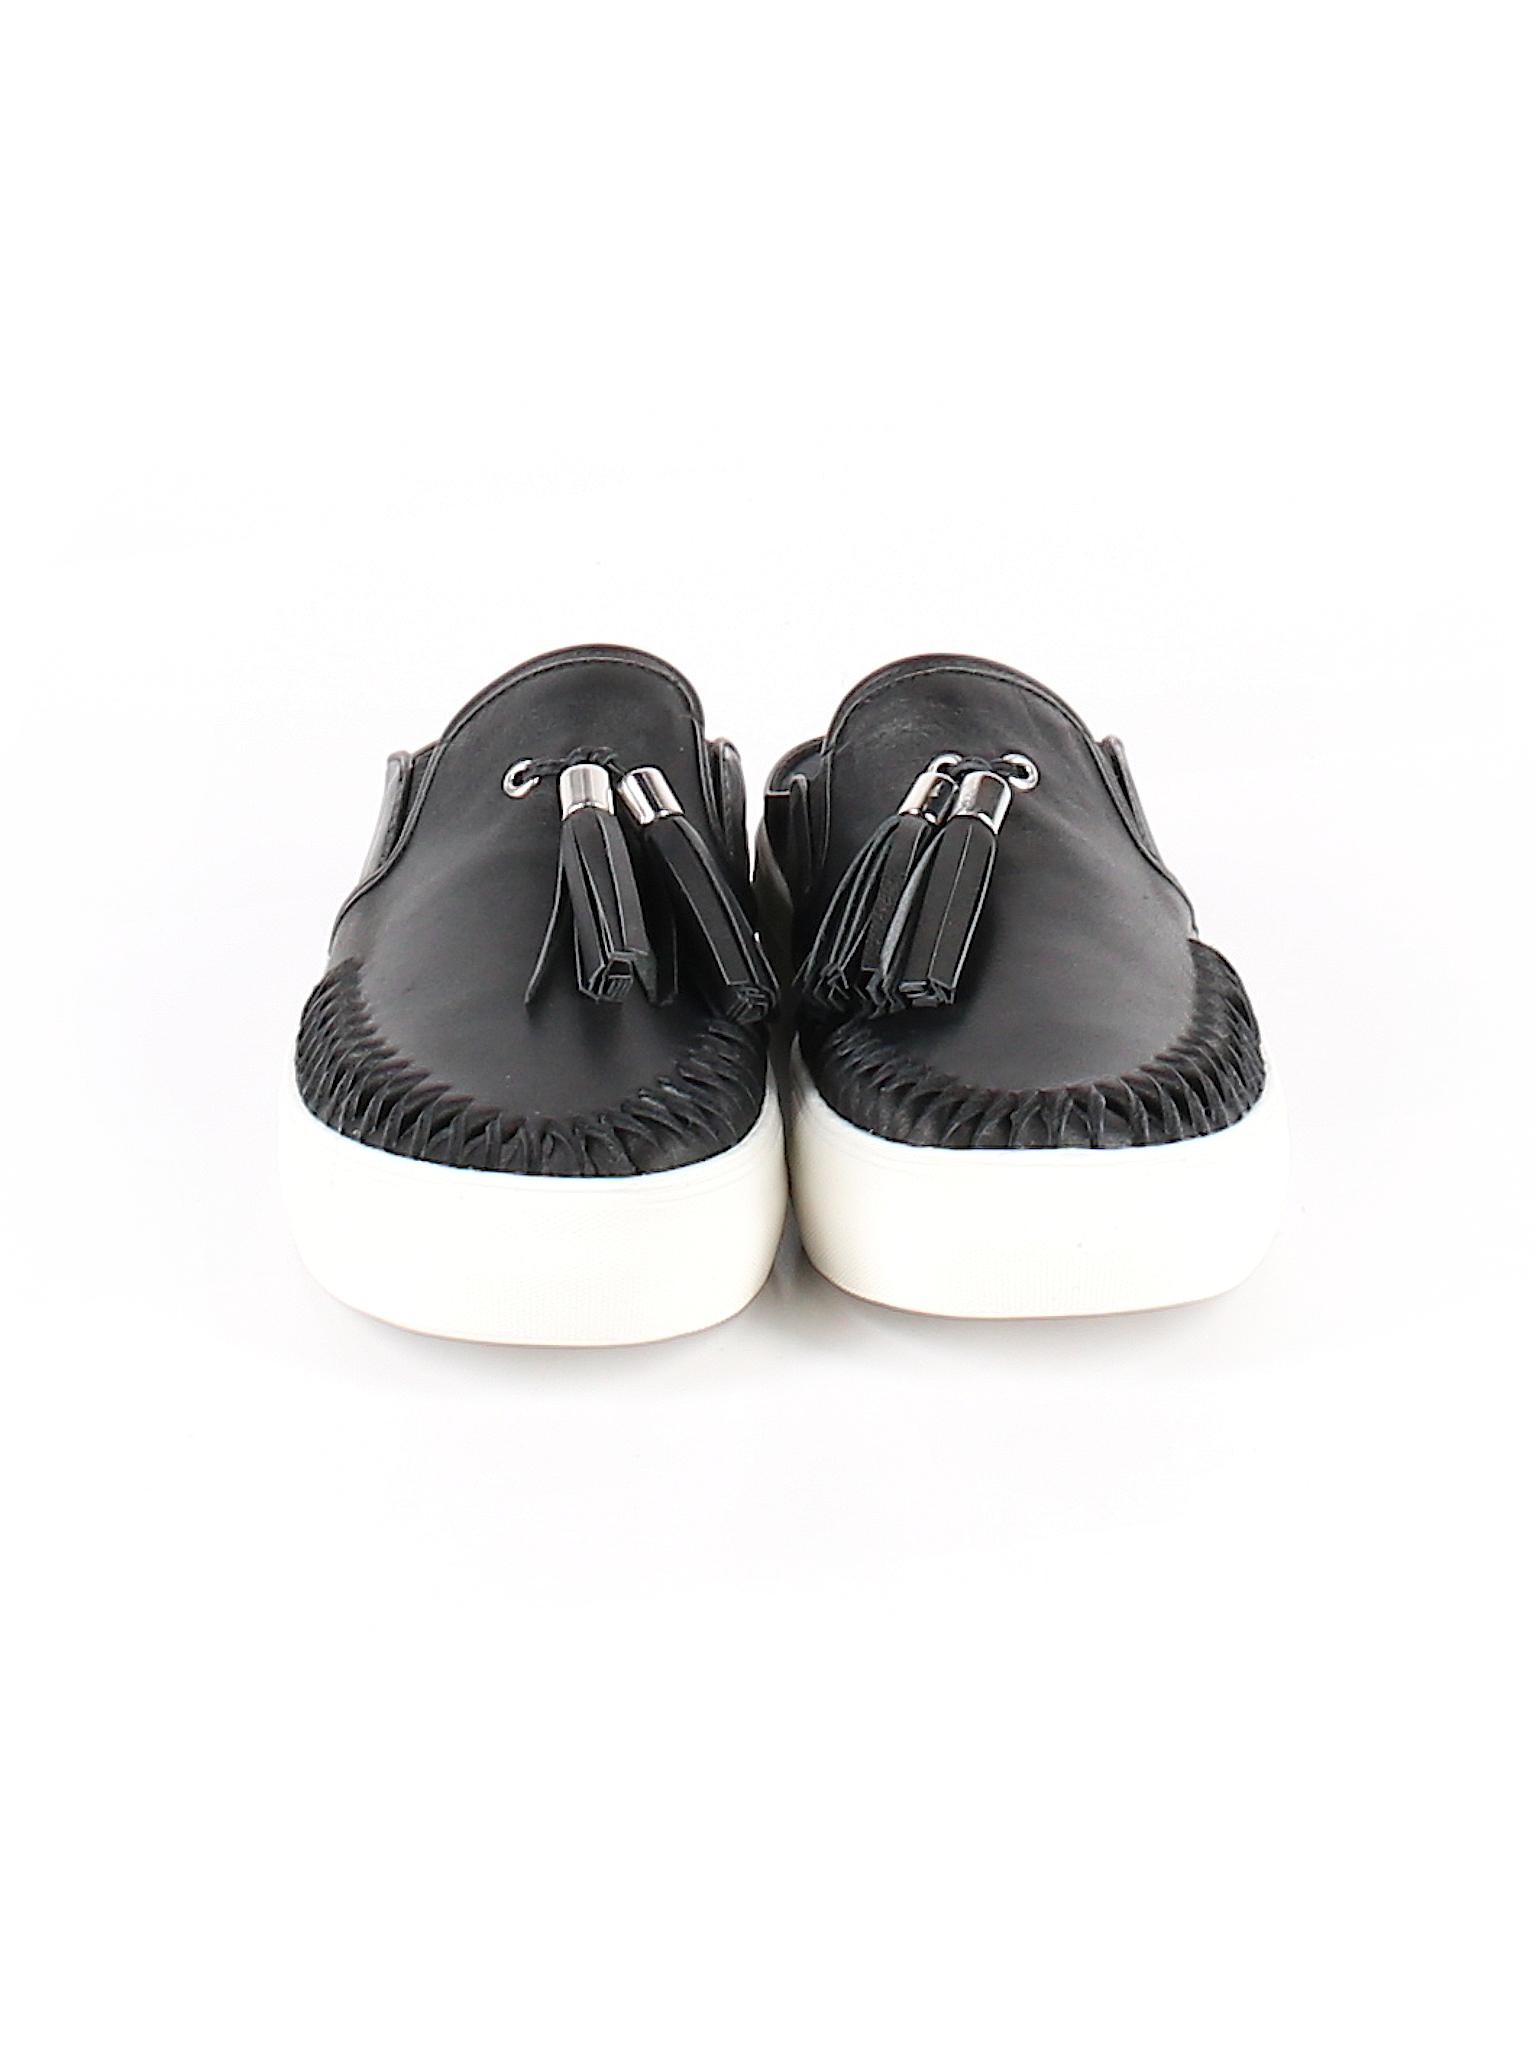 J Boutique promotion Boutique Slides Sneakers promotion w6qqtrx4nY